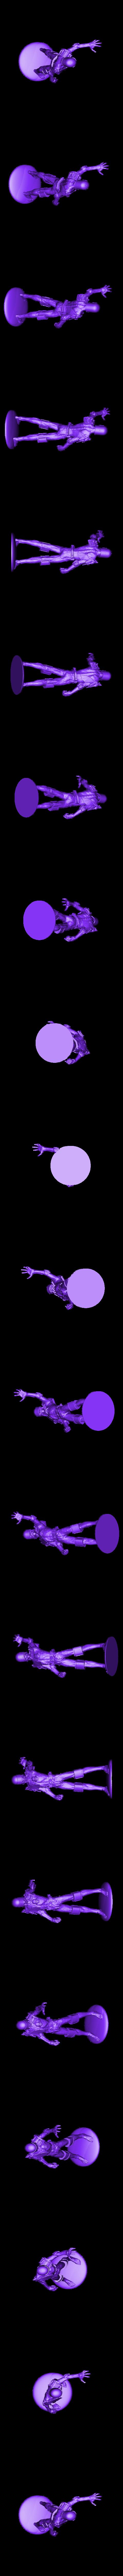 JUDGE_DEATH_2PRINT201mm.stl Download free STL file JUDGE DEATH • 3D printing object, atarka3